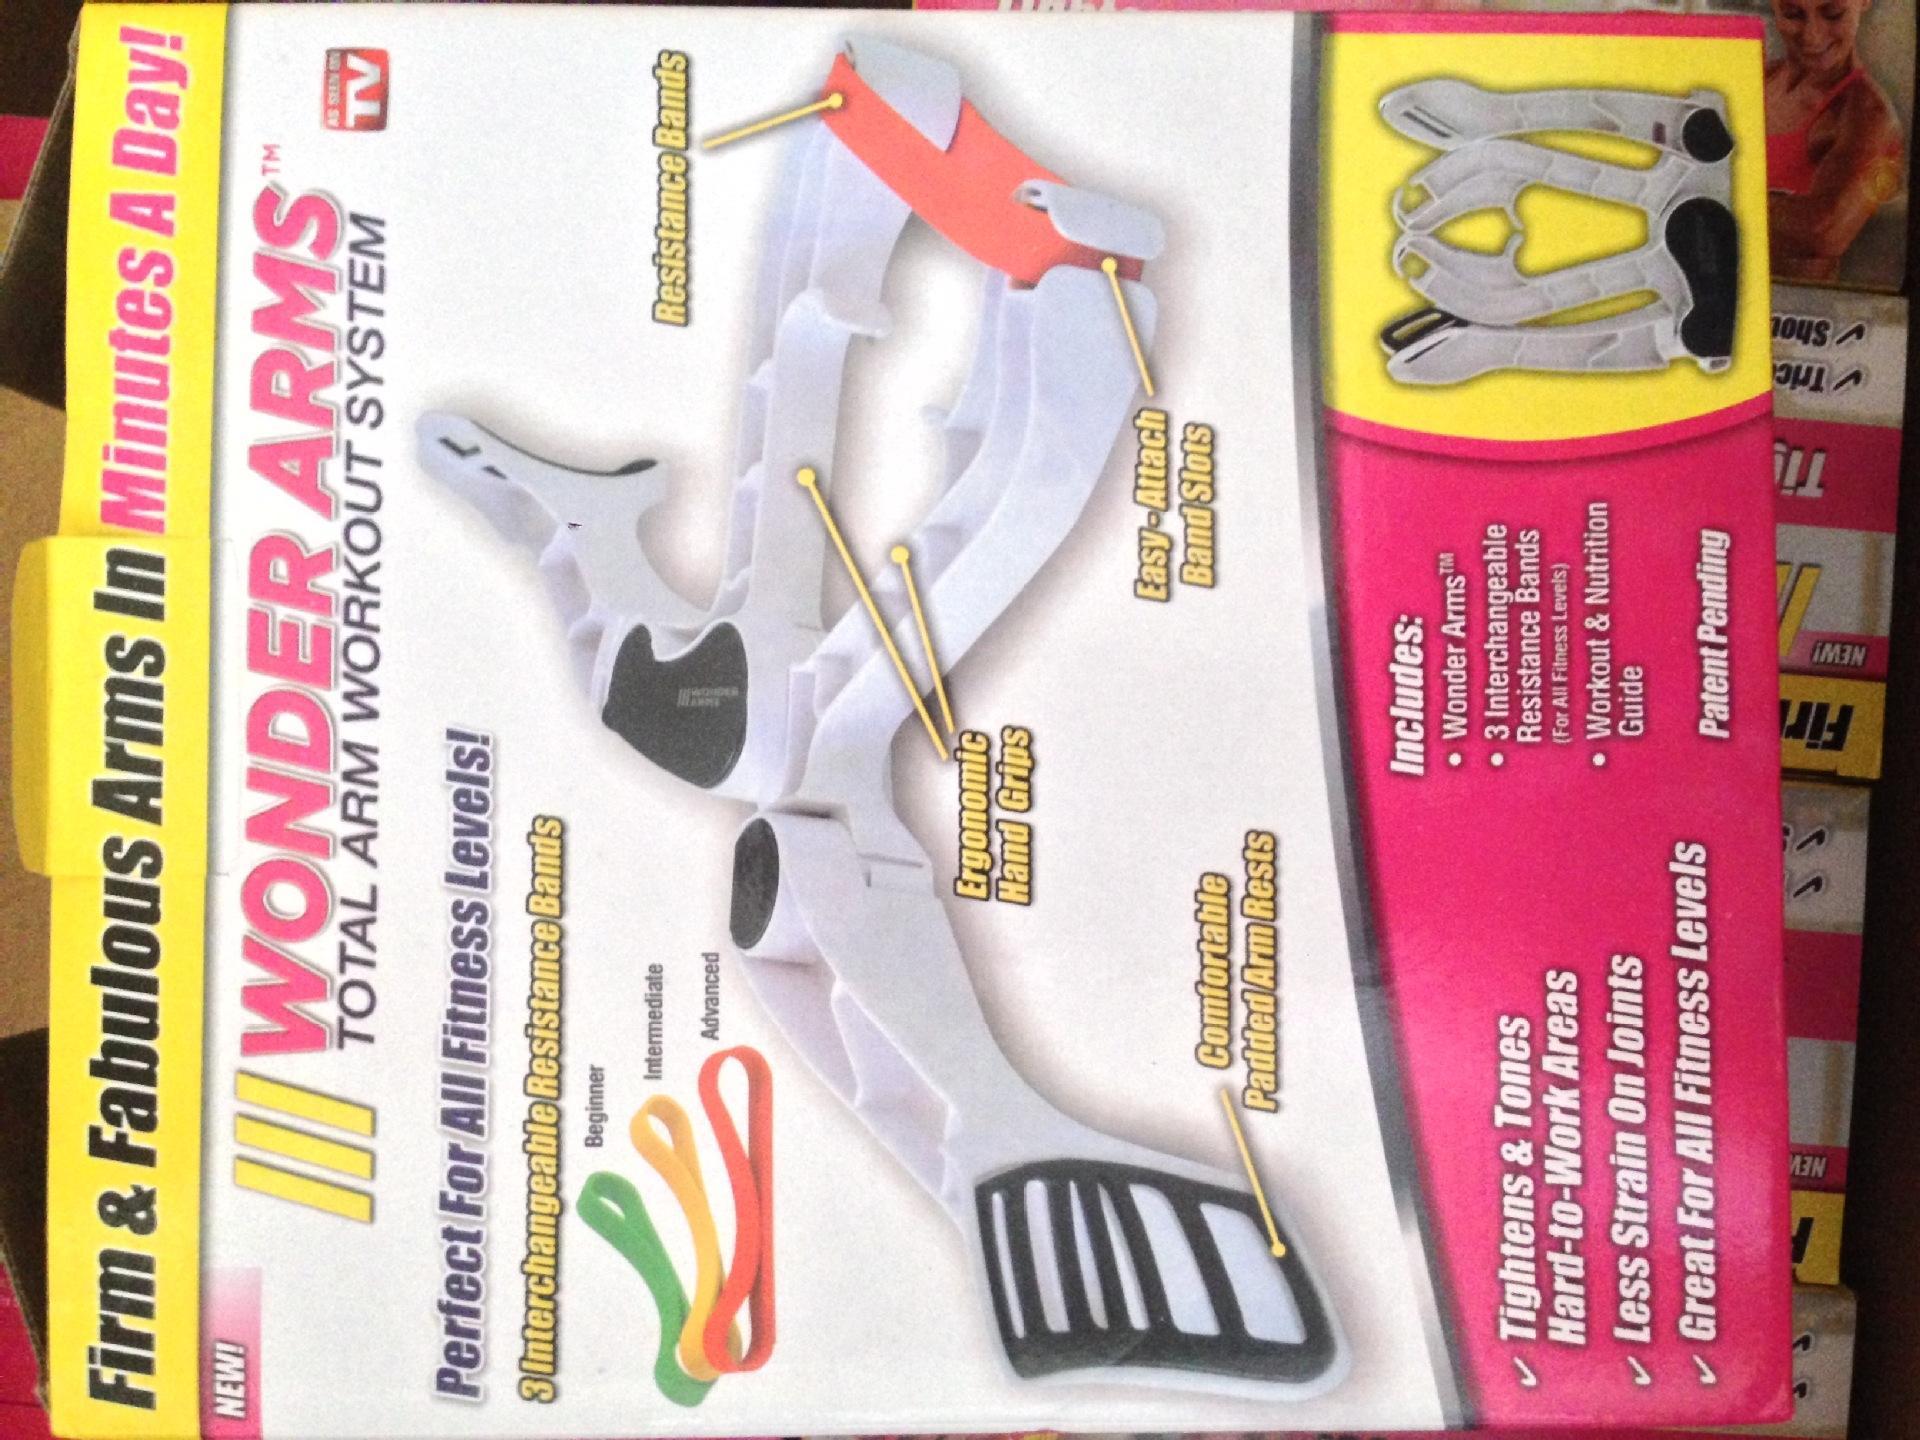 ЧУДО Новых ARMS силовых тренажеров Фитнес оборудование Натяжения оборудование рука устройство мускул прессовое устройство fwRDt